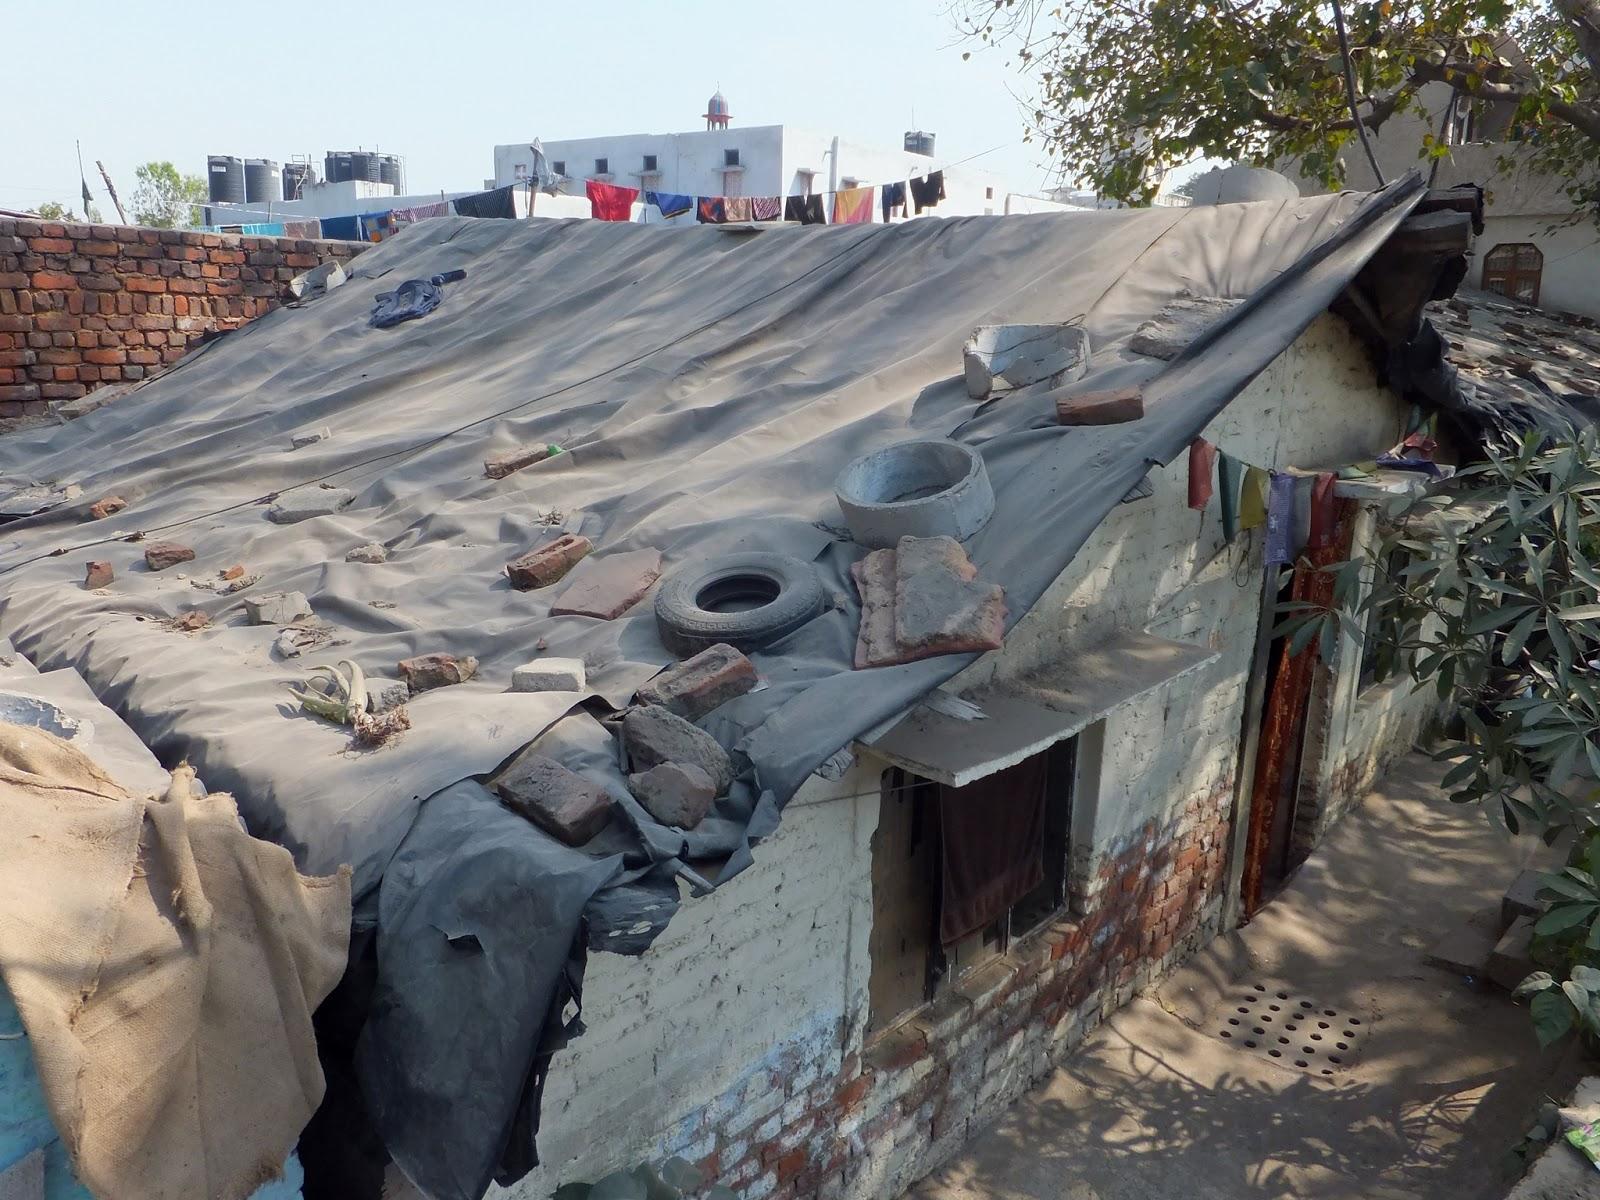 крыша покрытая брезентом и заваленная тротуарной мусором и шинами